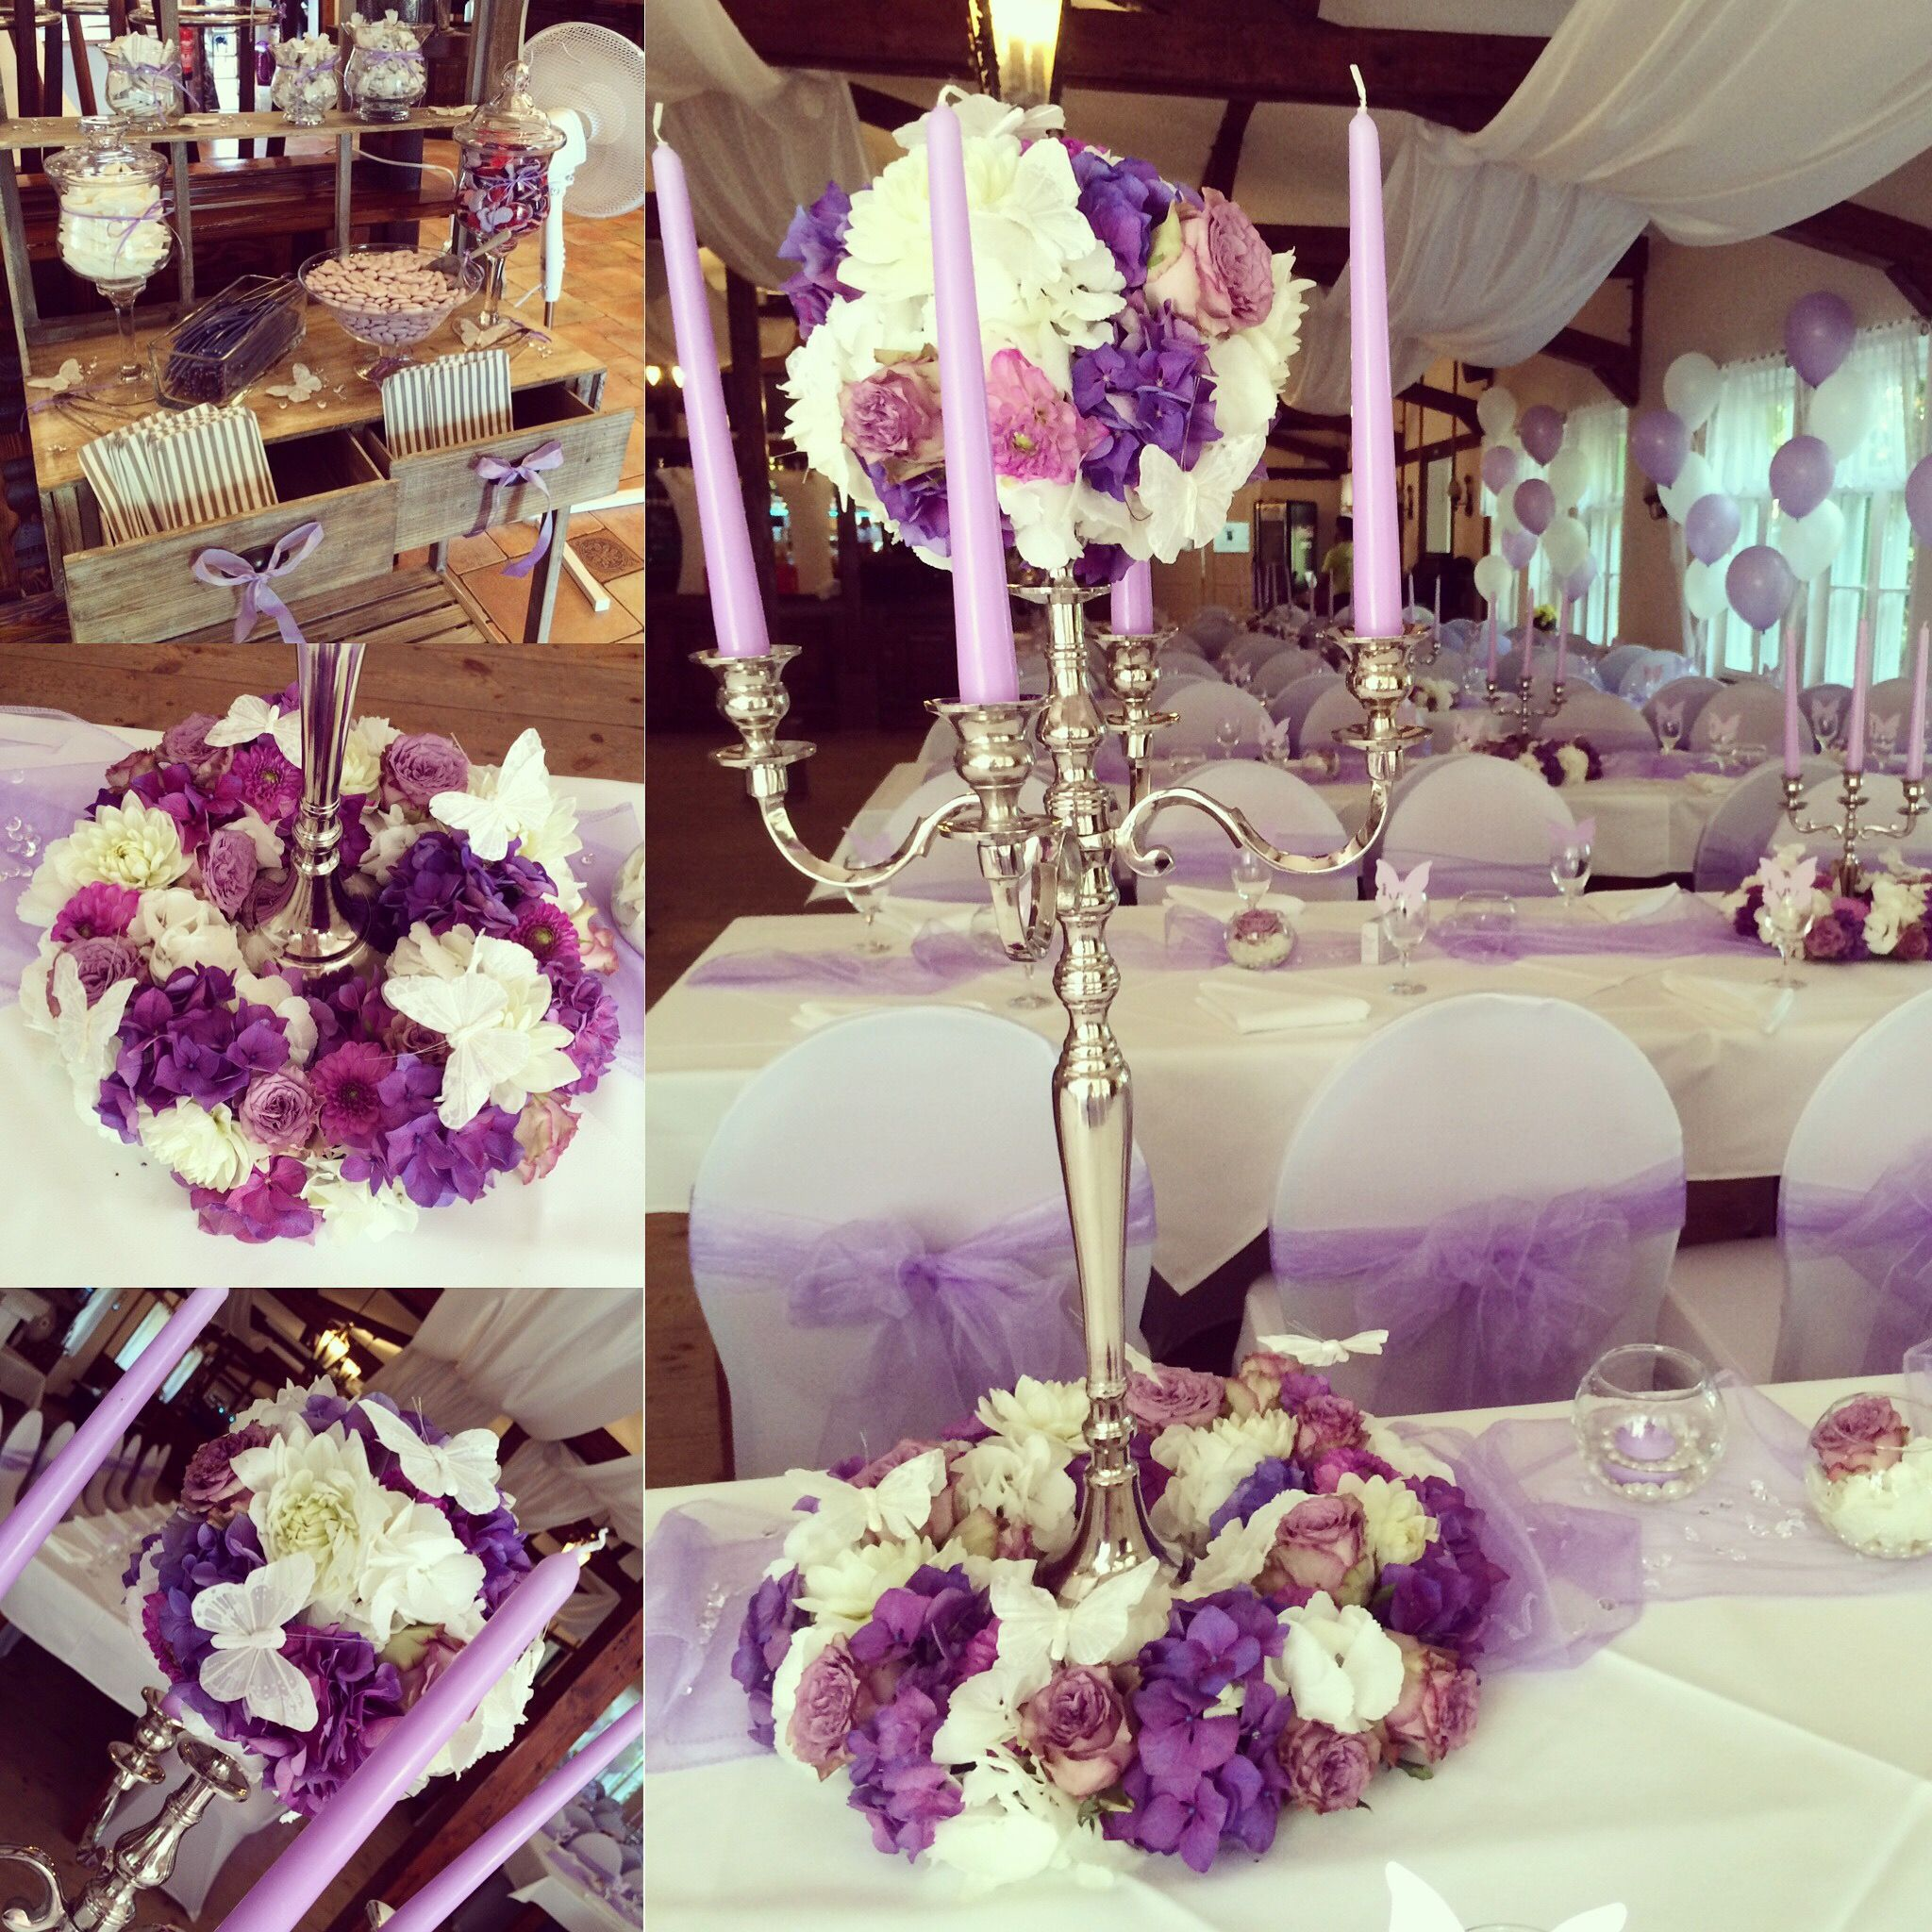 Tischdeko In Lila Flieder Hochzeit Wedding Kerzenleuchter Blumen